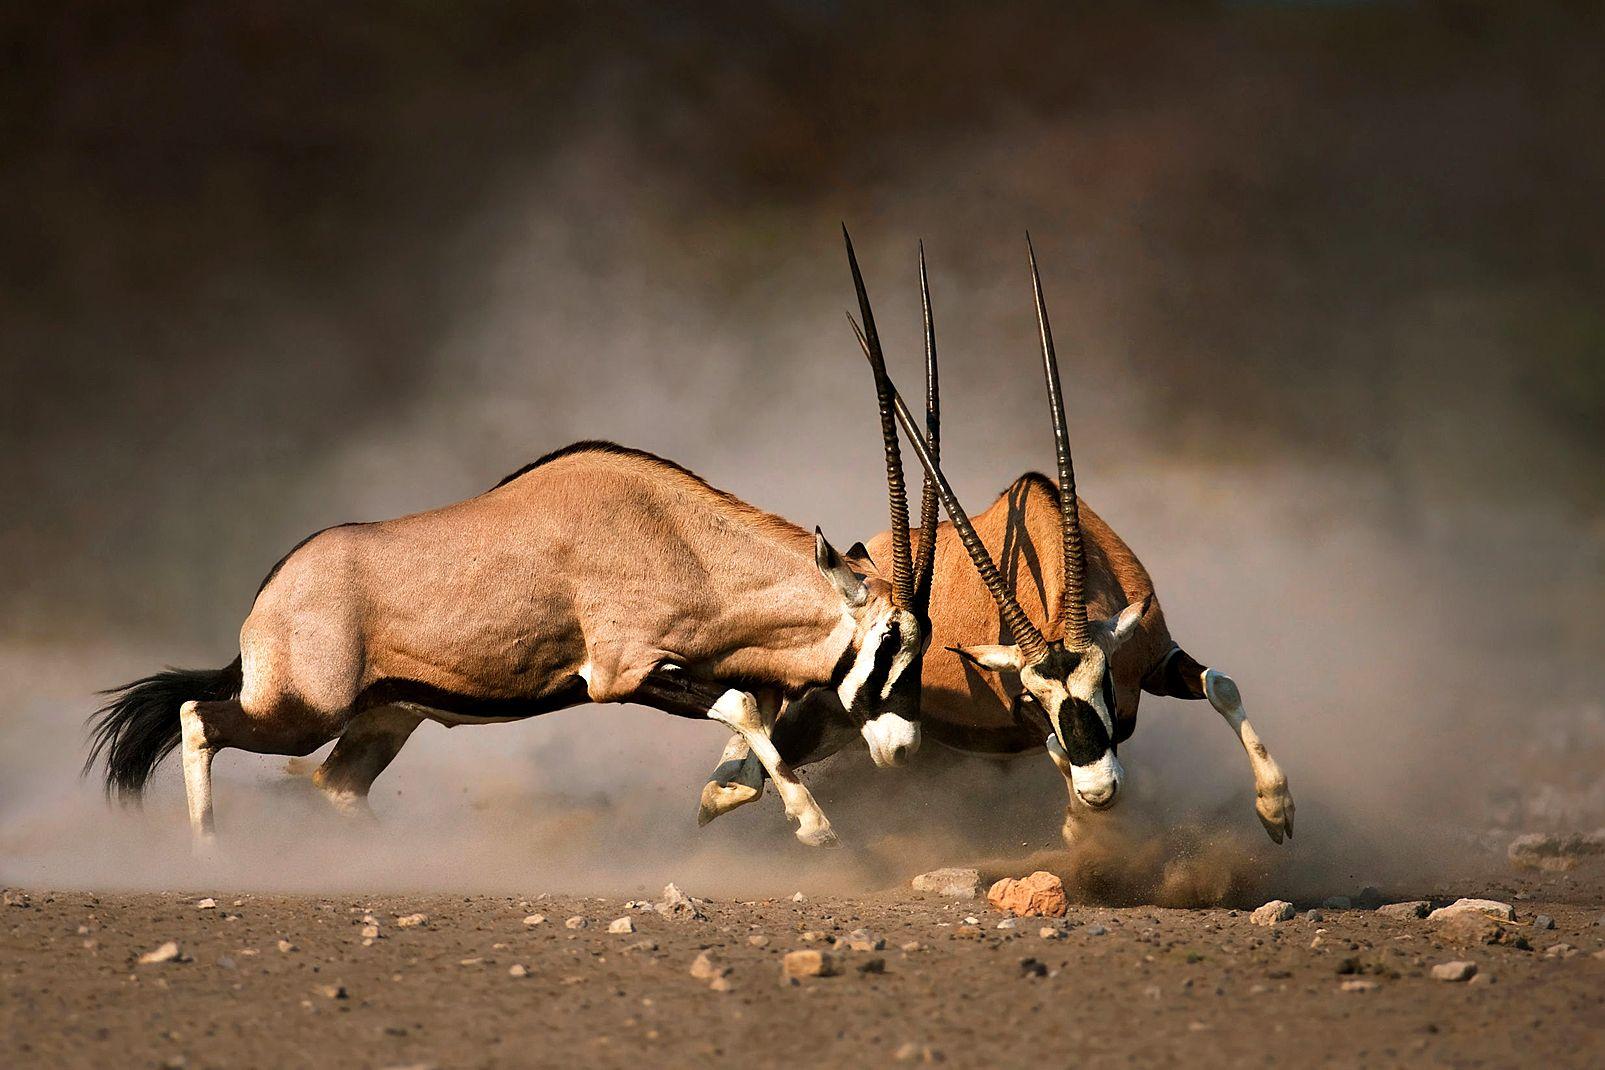 afrique, lesotho, gemsbok, oryx, gazelle, combat, Etosha